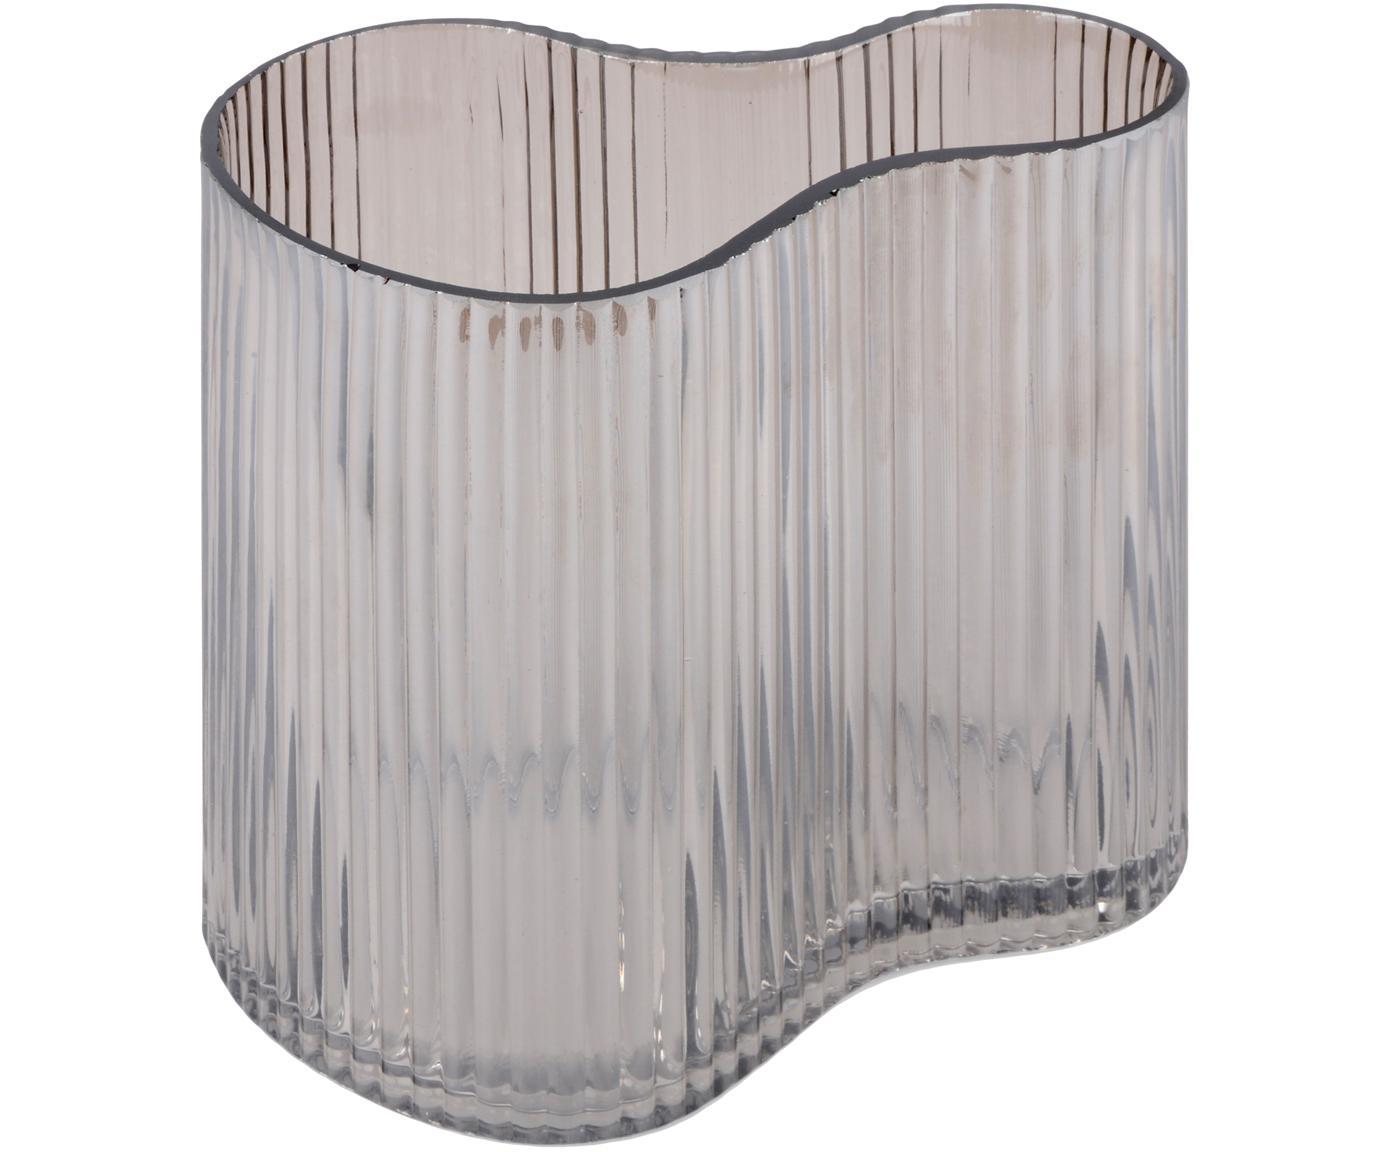 Kleine Glasvase Gloria mit Rillenmuster, Glas, Grau, 18 x 12 cm